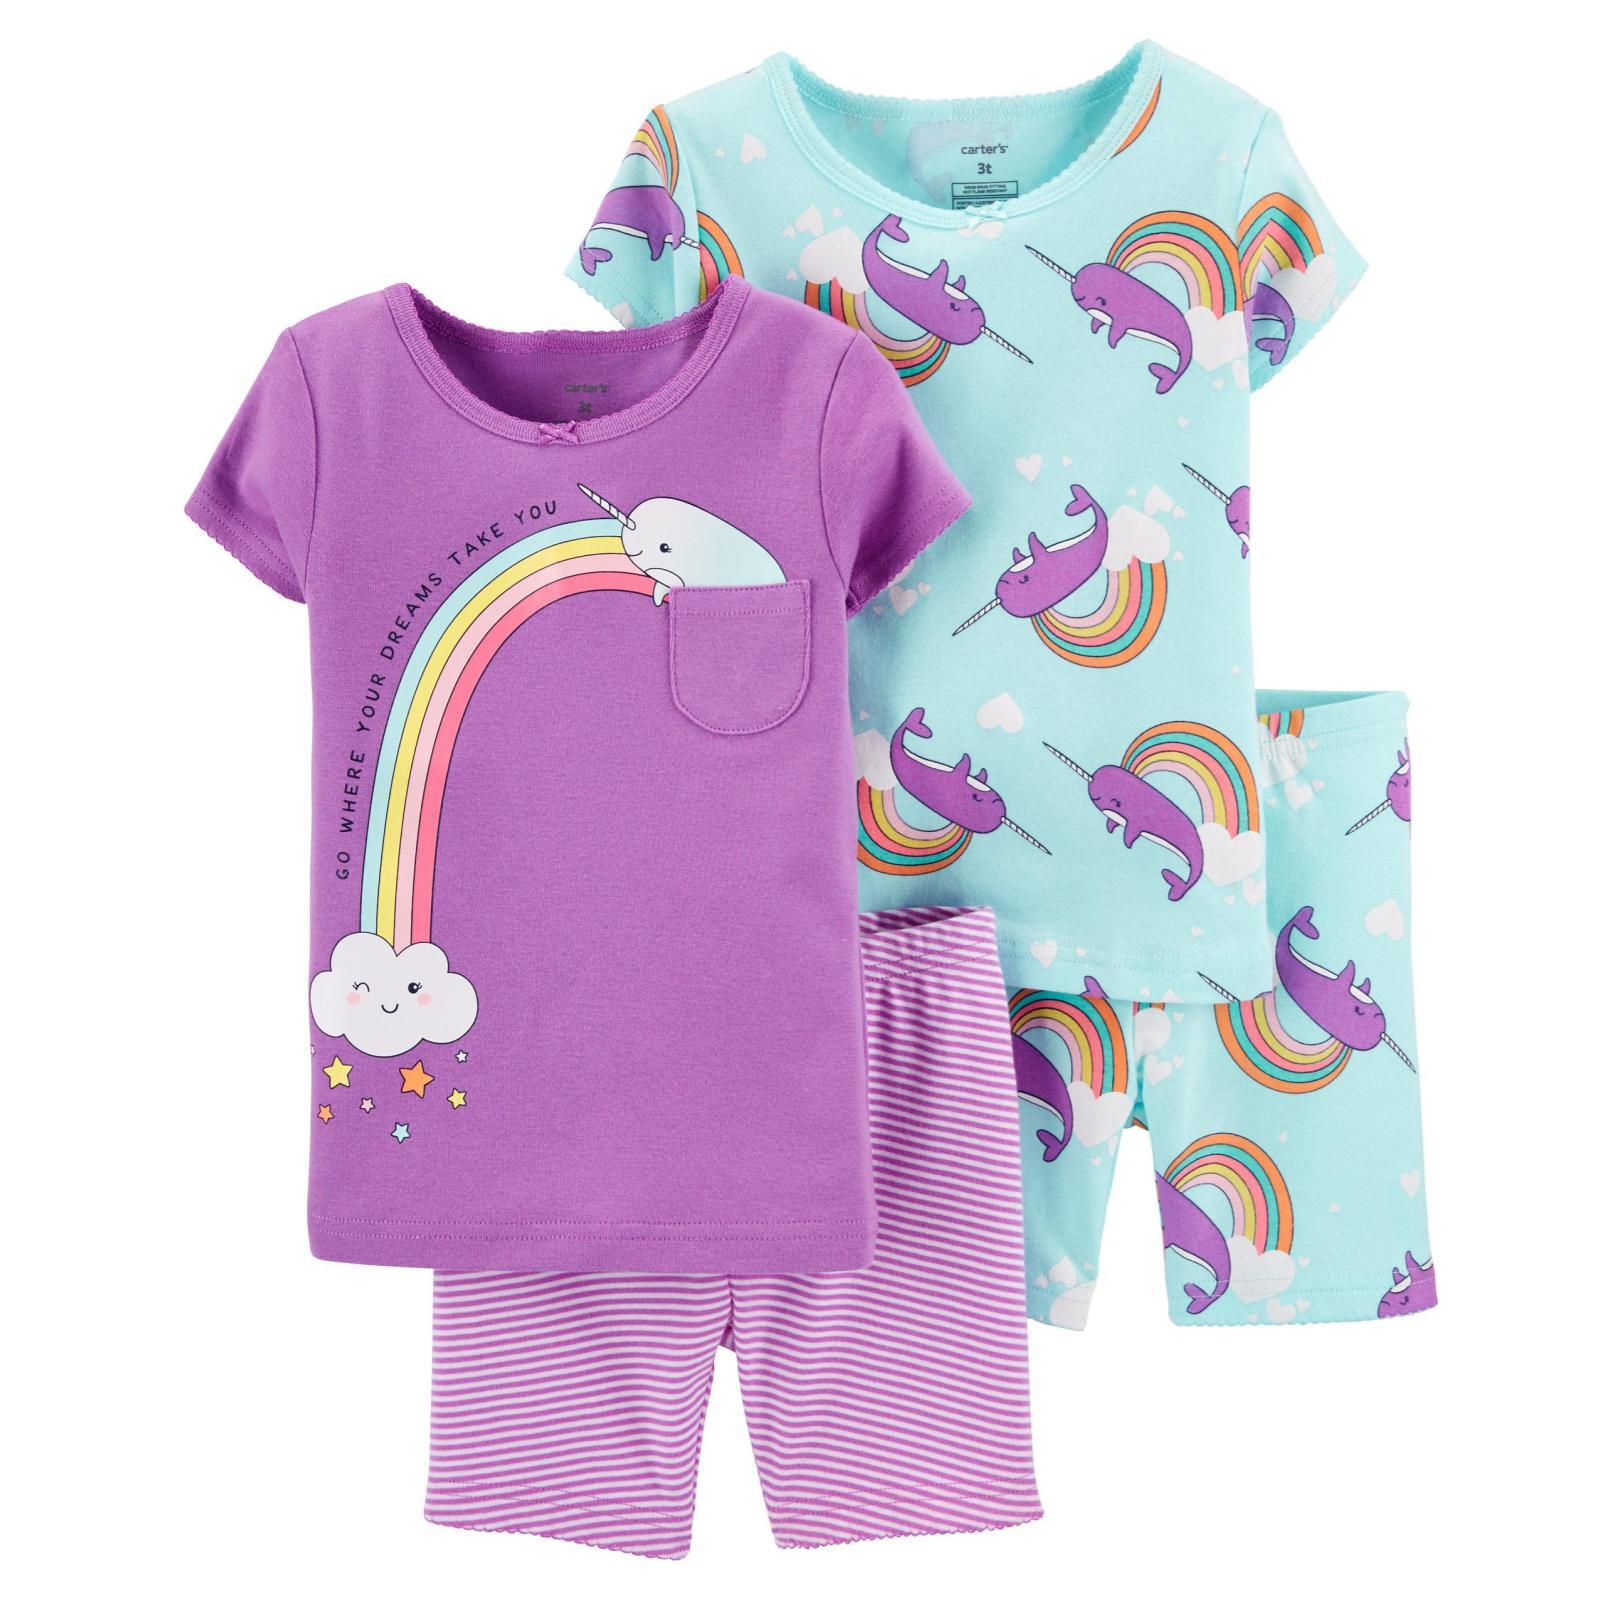 Pijama 4 pecas lilas baleia